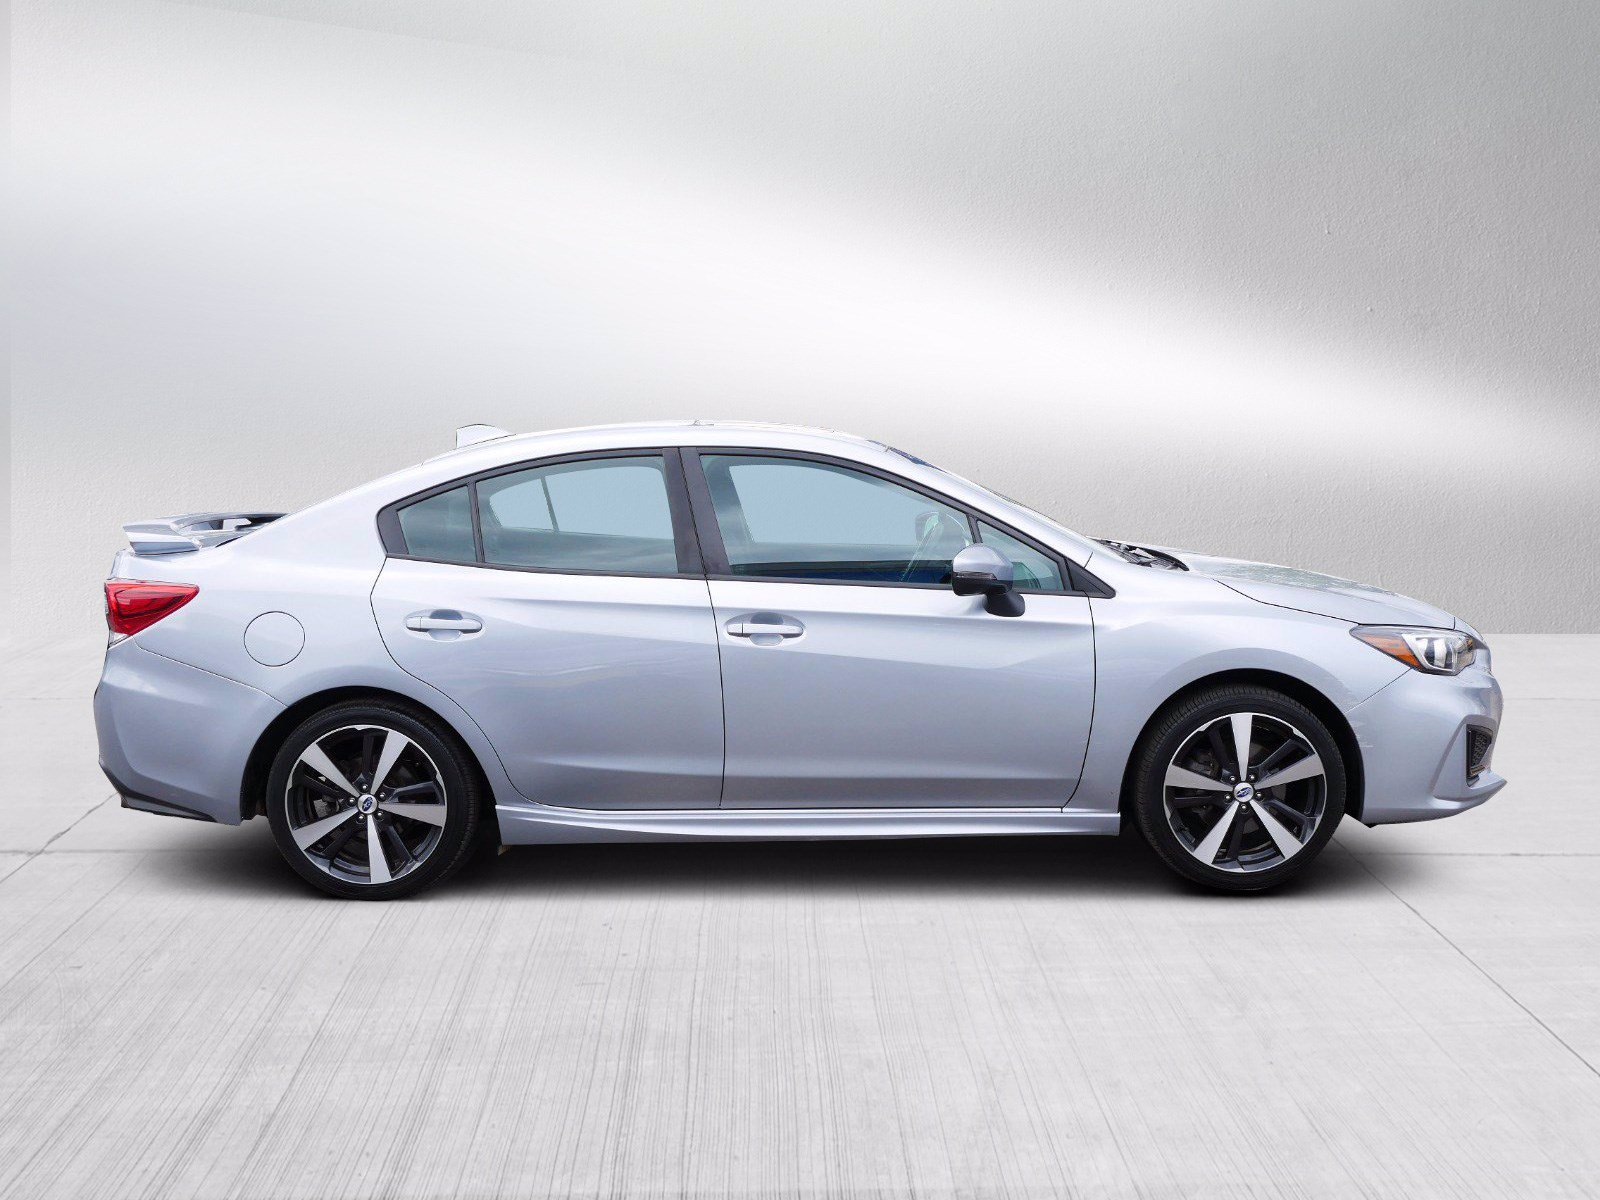 Used 2018 Subaru Impreza Sport with VIN 4S3GKAL6XJ1604004 for sale in Bloomington, Minnesota